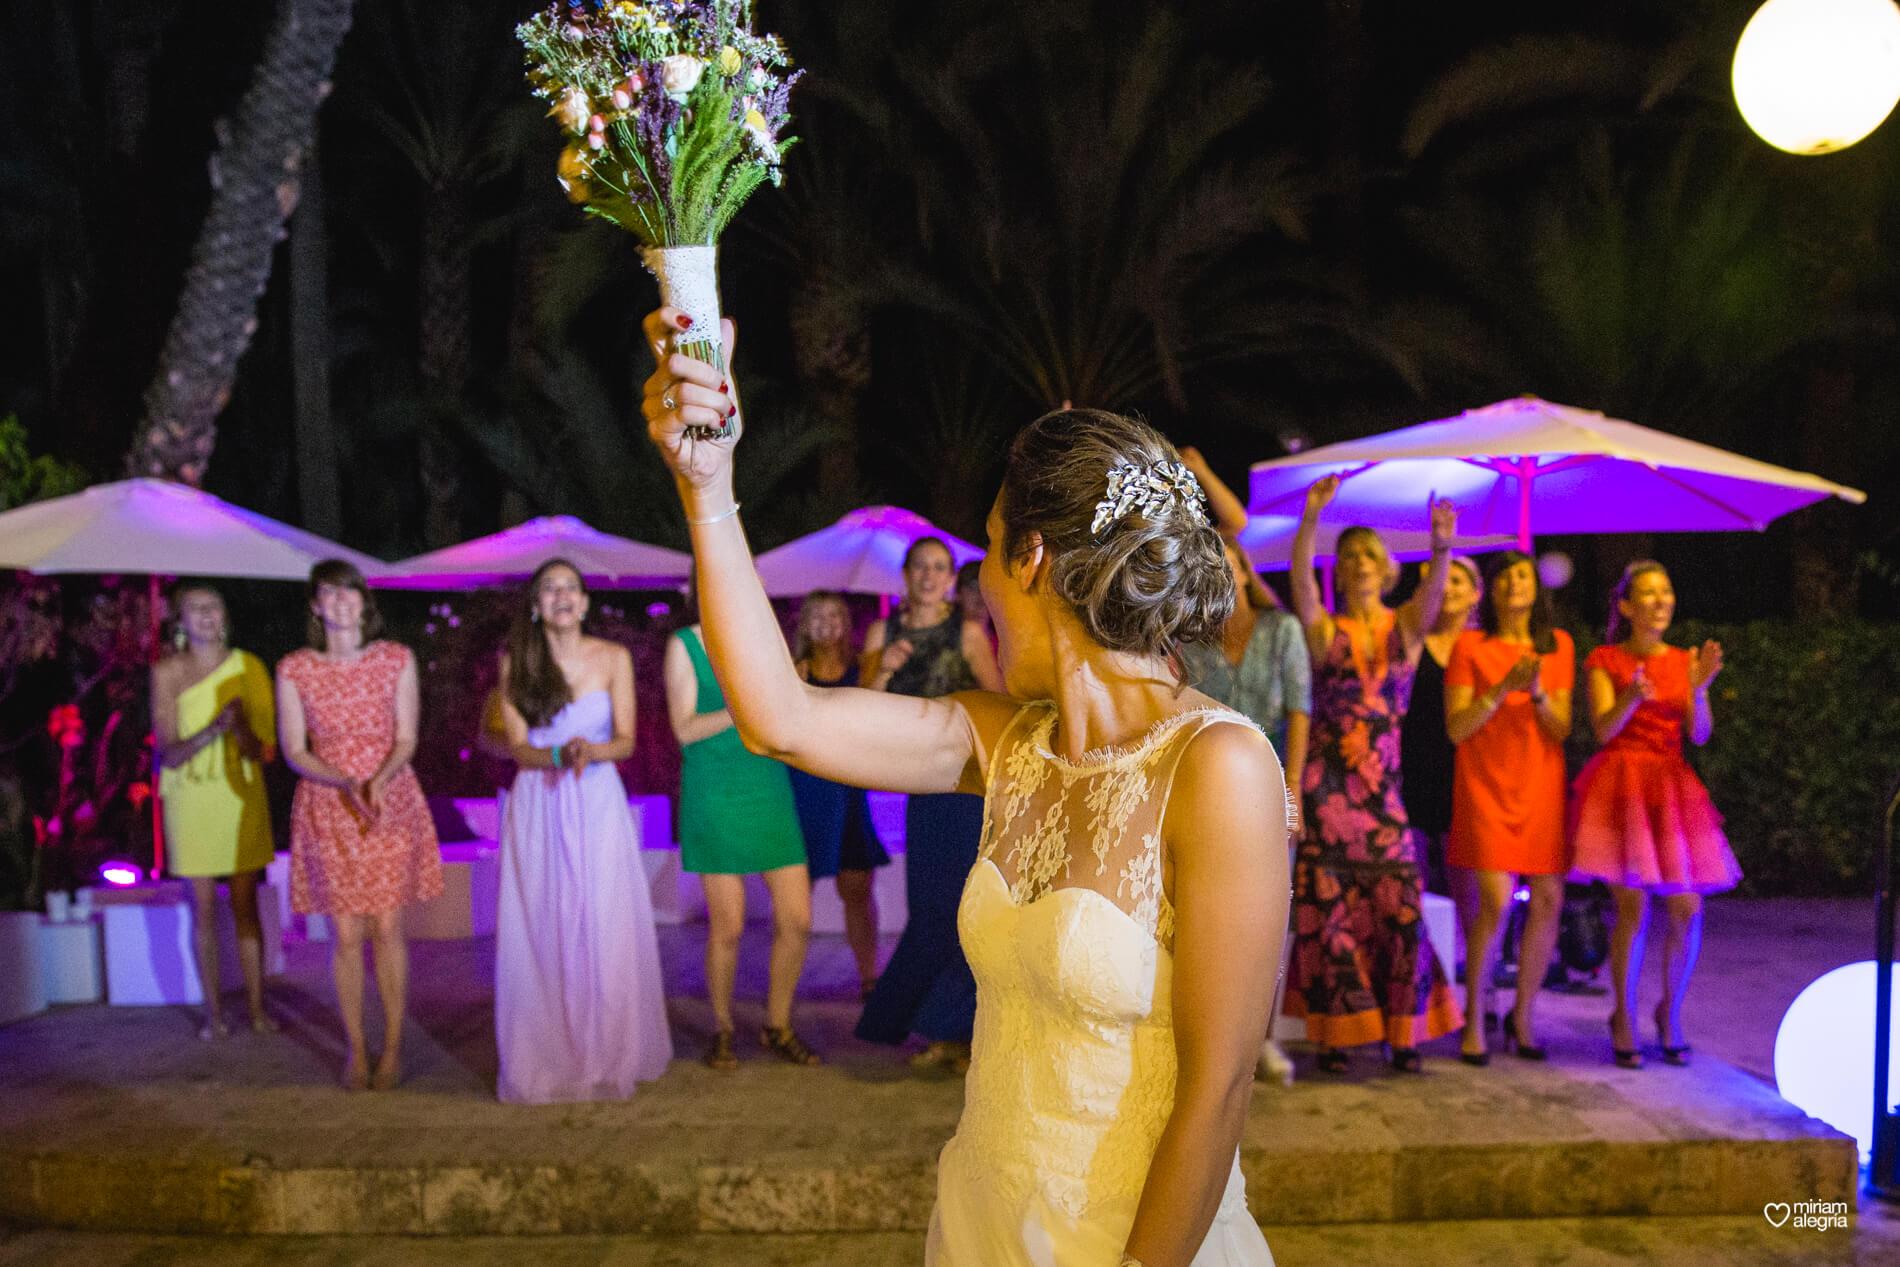 wedding-huerto-del-cura-elche-miriam-alegria-fotografos-boda-104